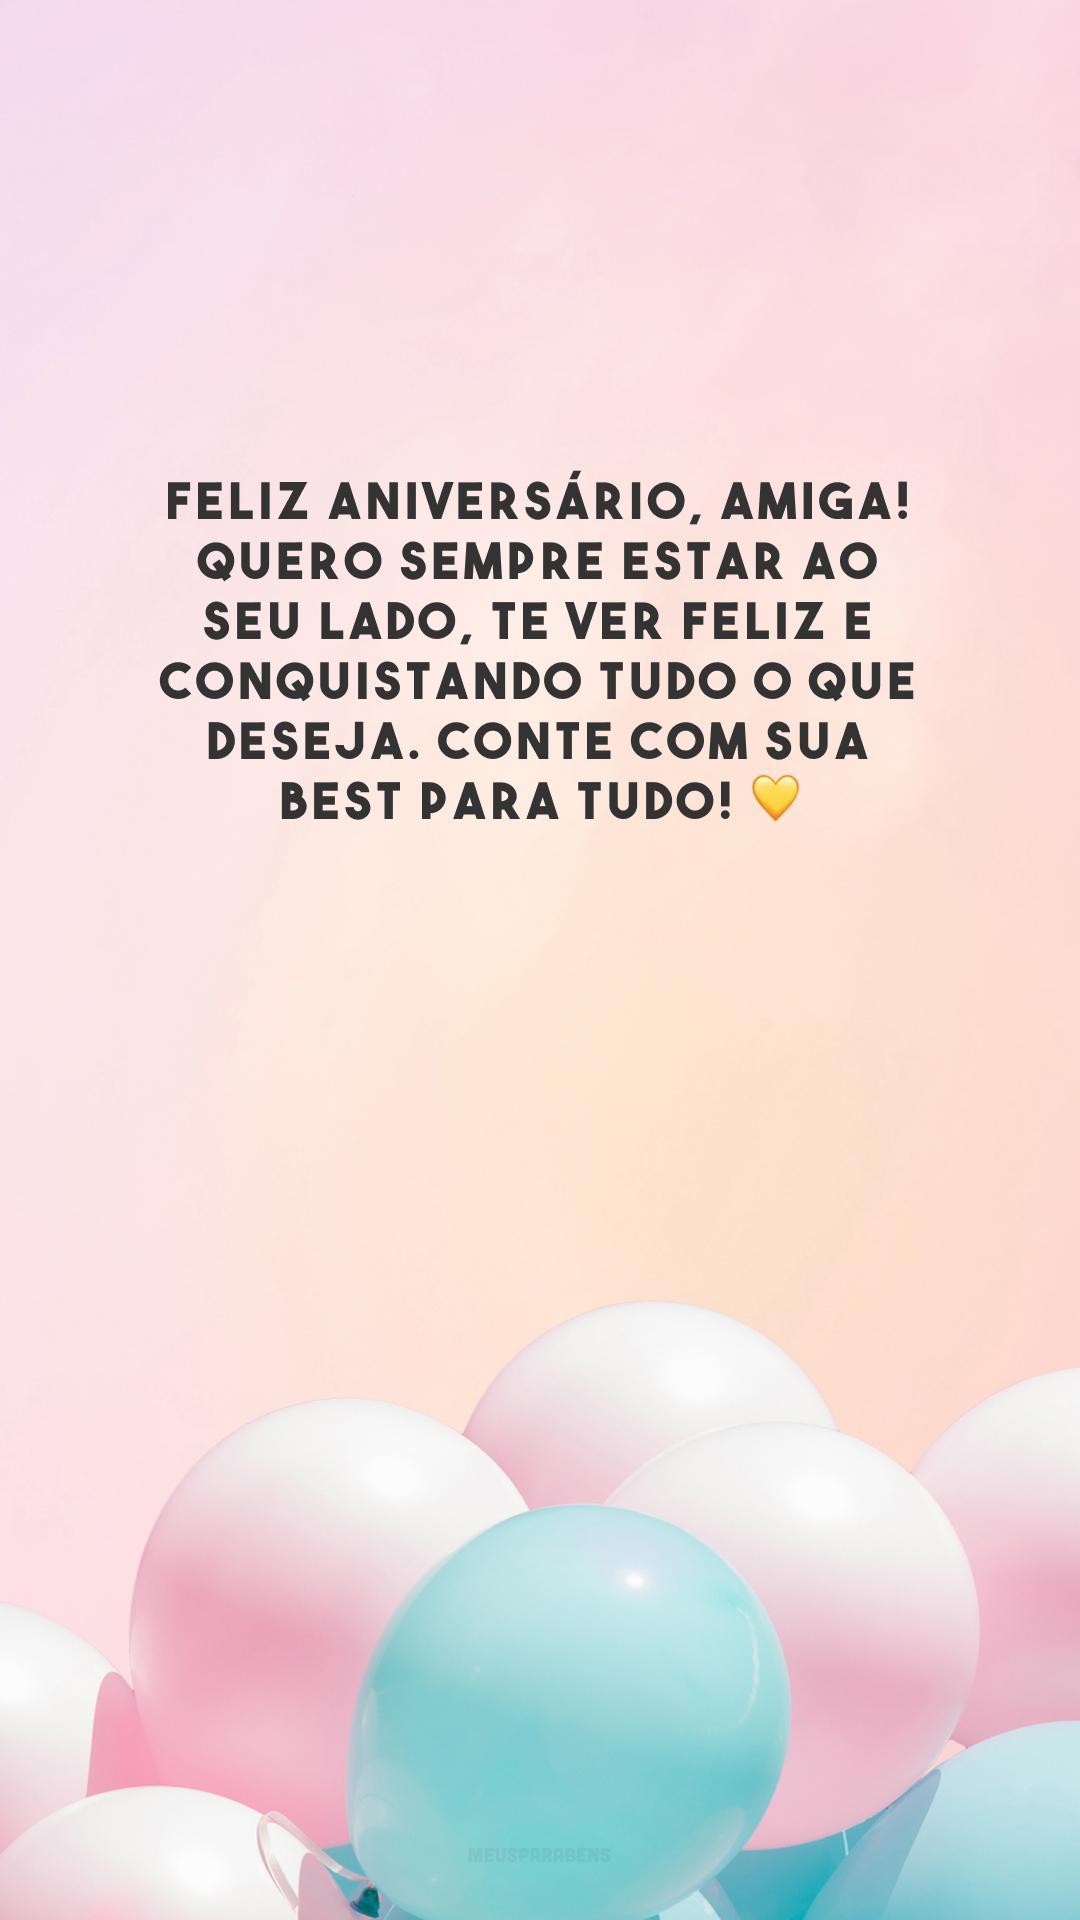 Feliz aniversário, amiga! Quero sempre estar ao seu lado, te ver feliz e conquistando tudo o que deseja. Conte com sua best para tudo! 💛